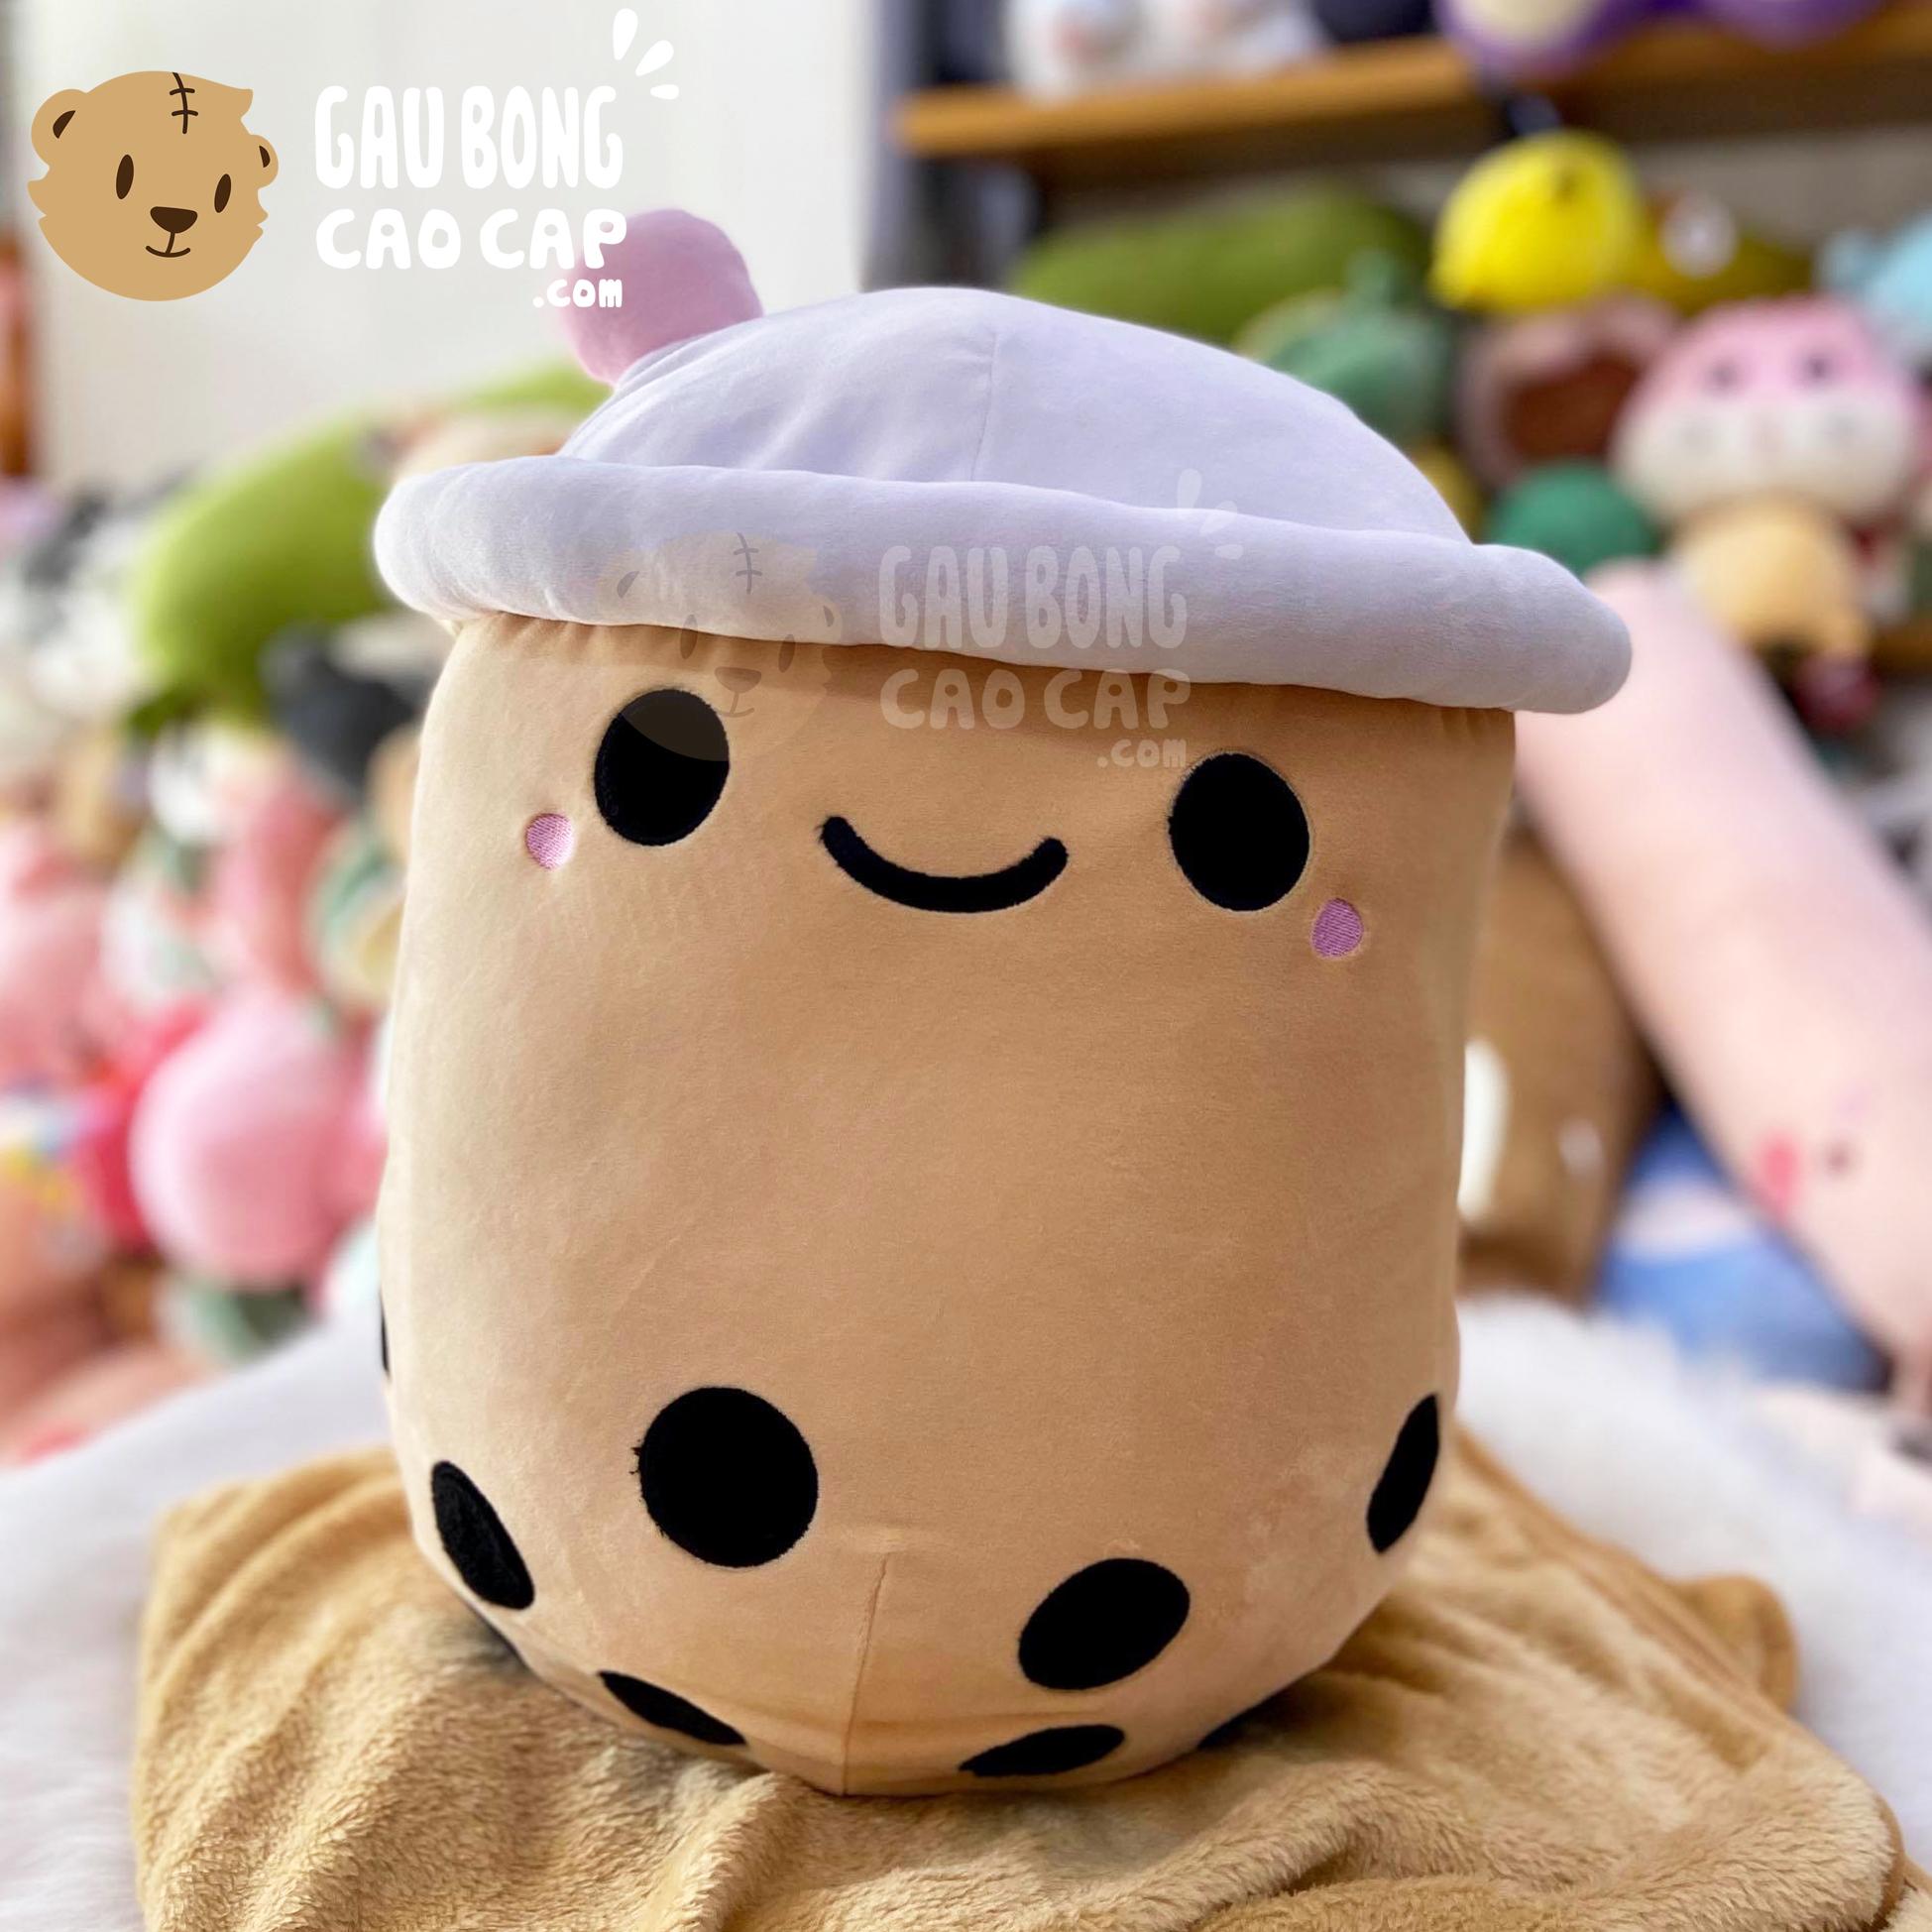 Gối mền Gấu Bông Trà Sữa baby